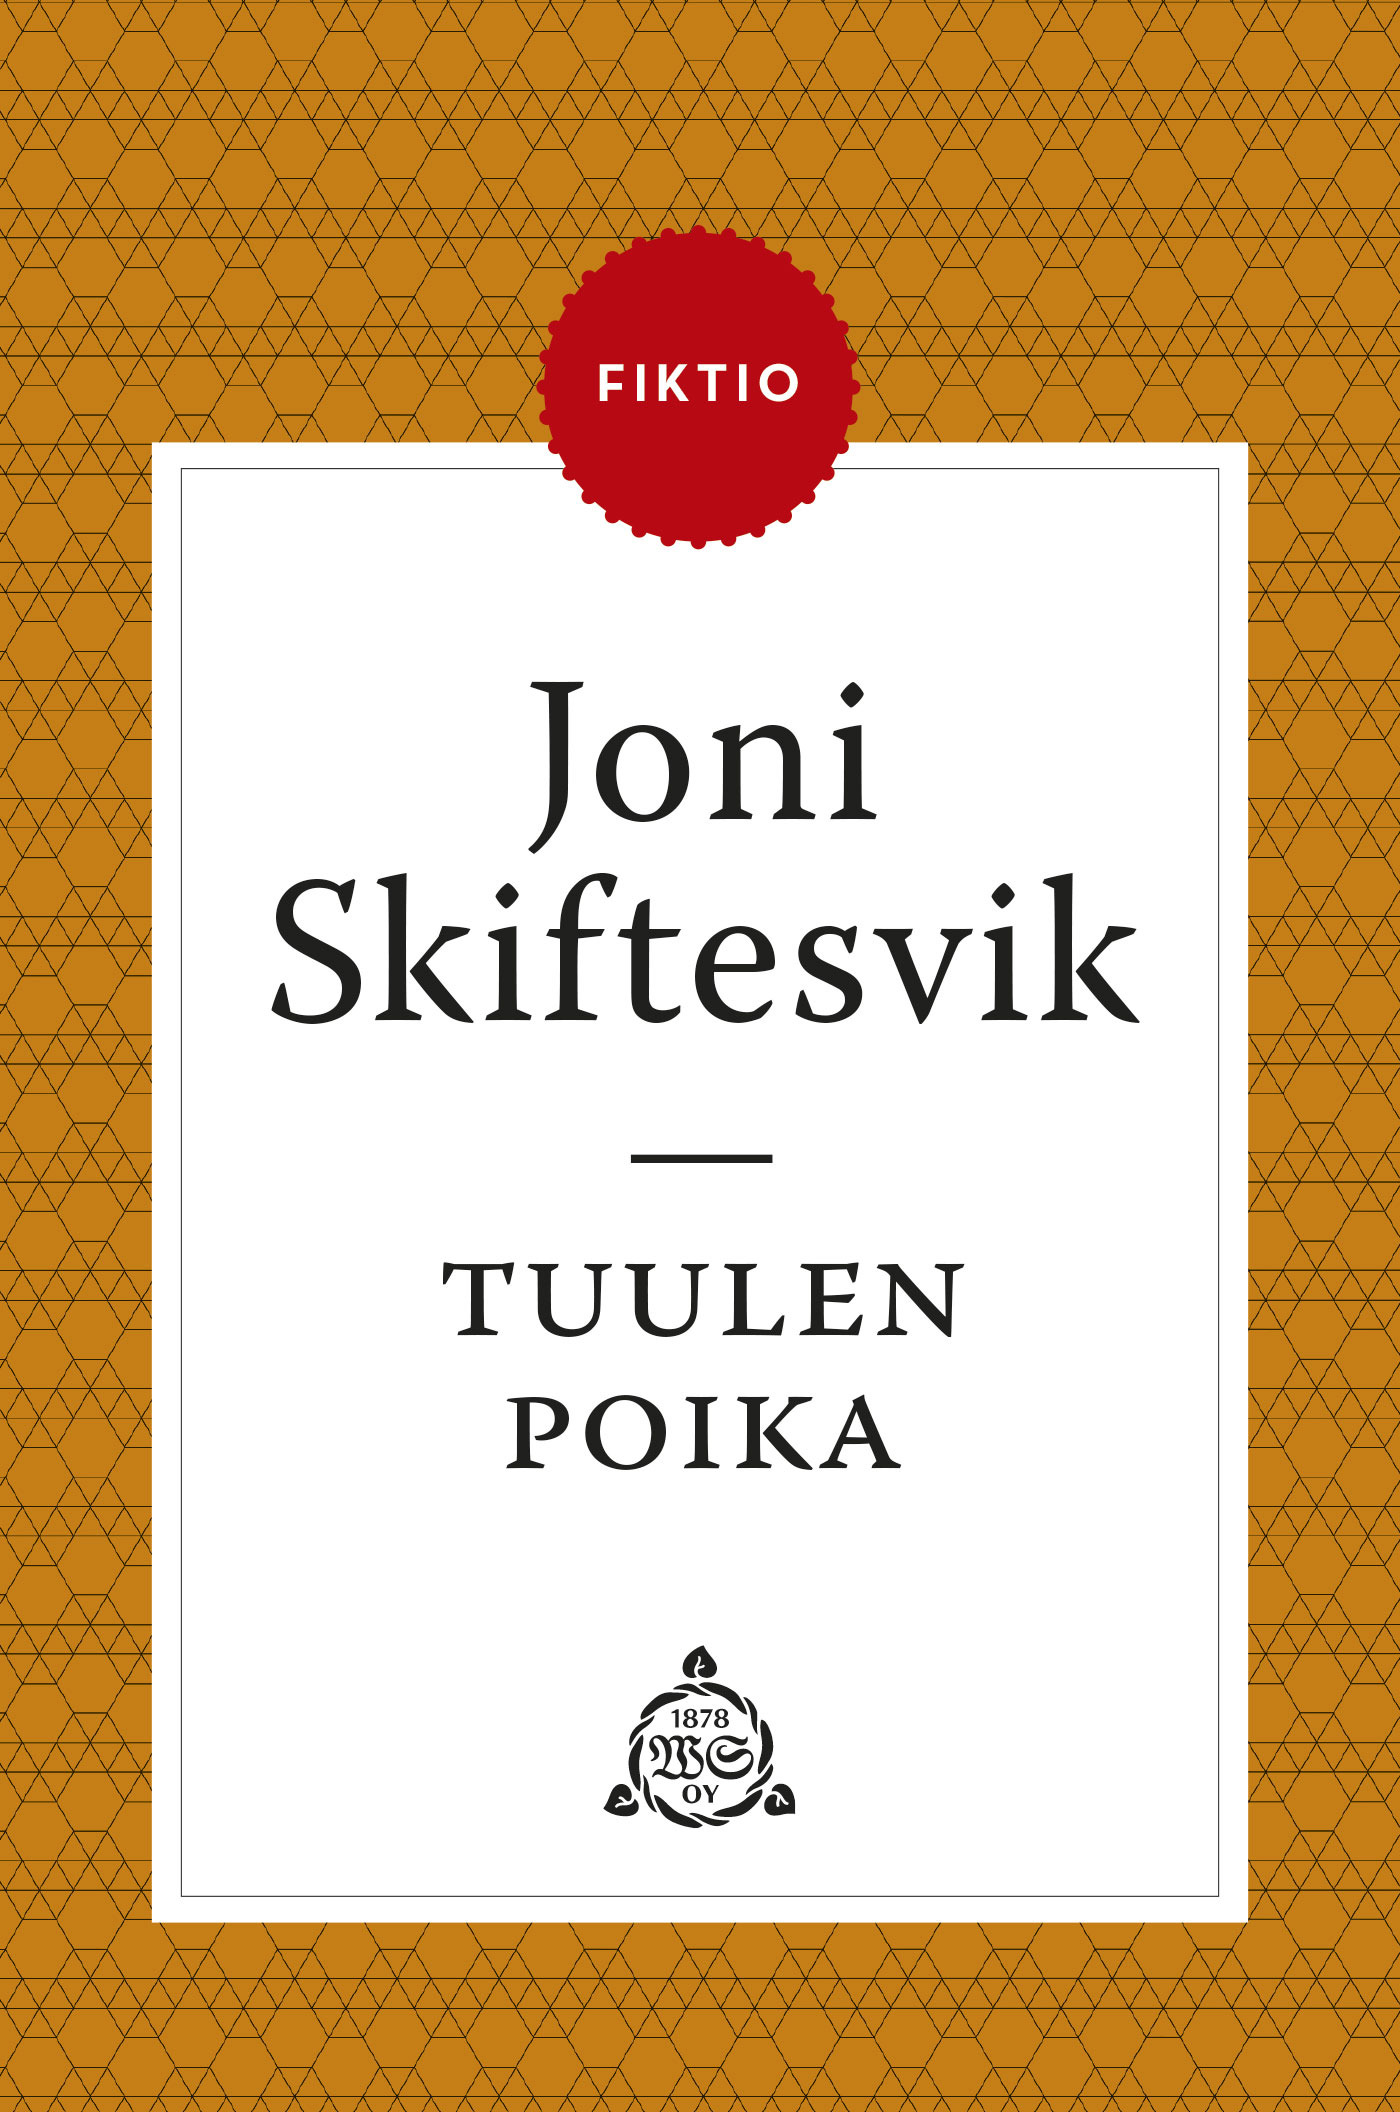 Skiftesvik, Joni - Tuulen poika, e-bok